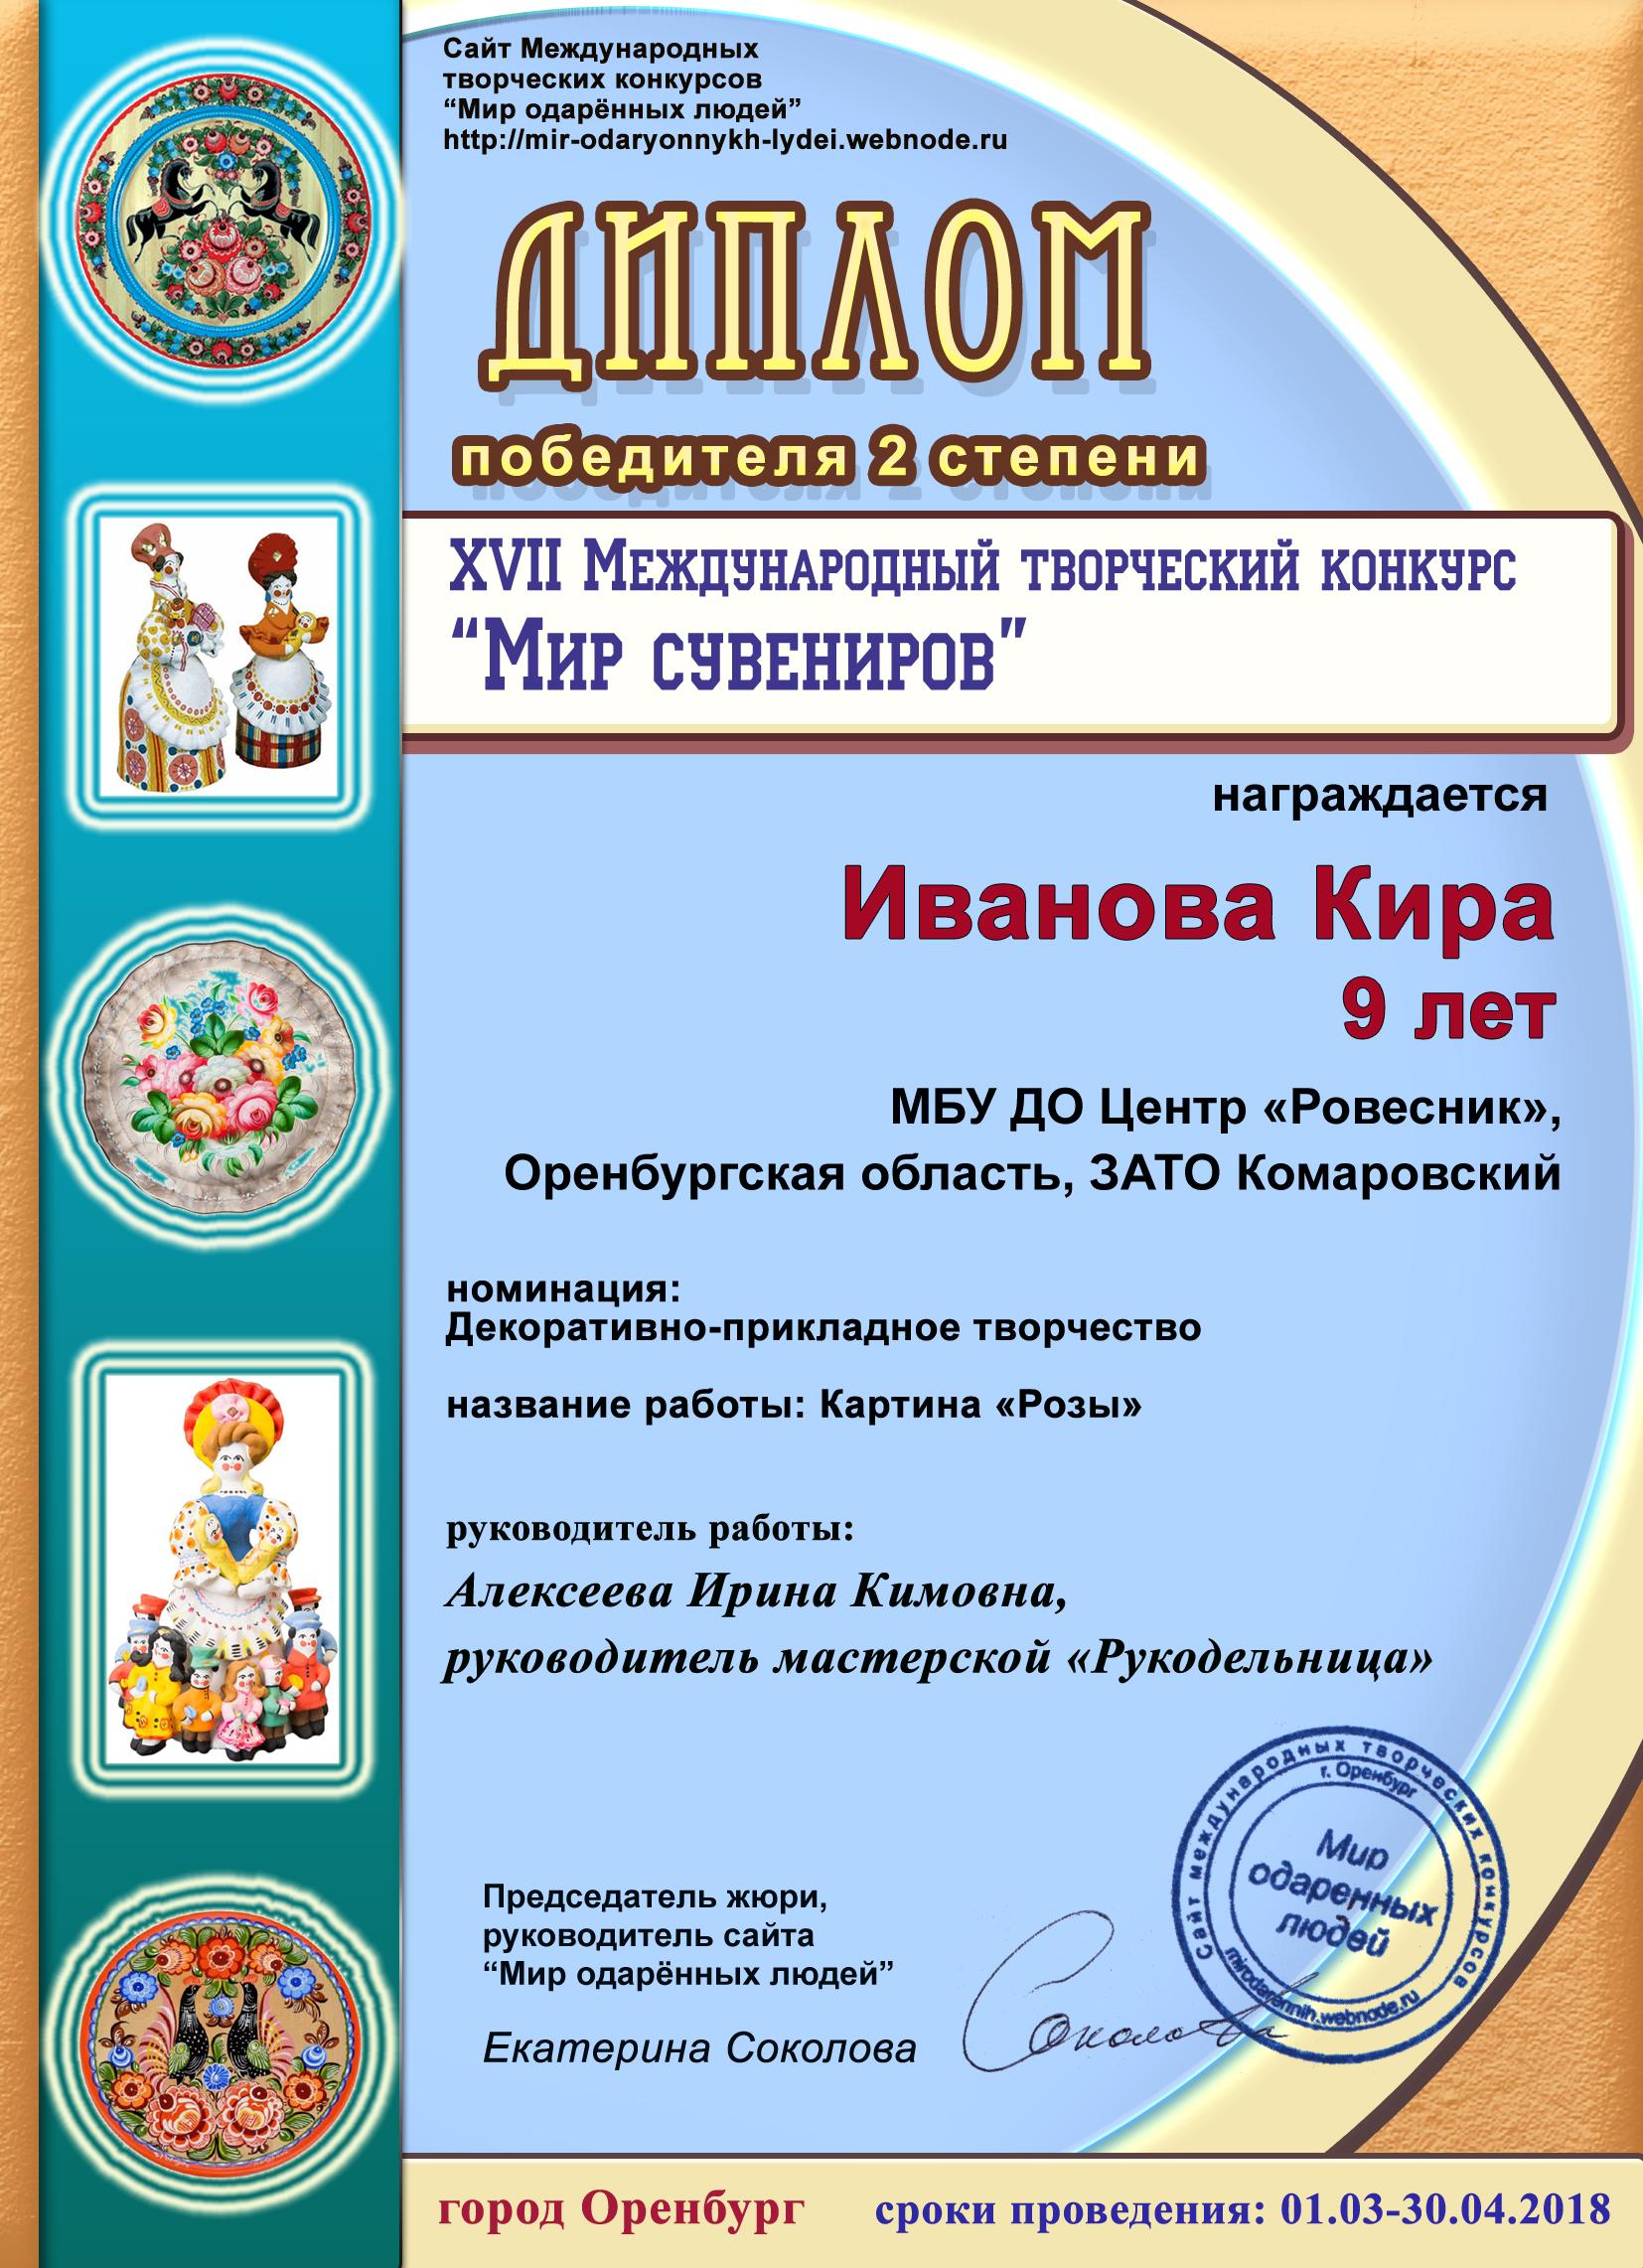 Иванова Кира (1)